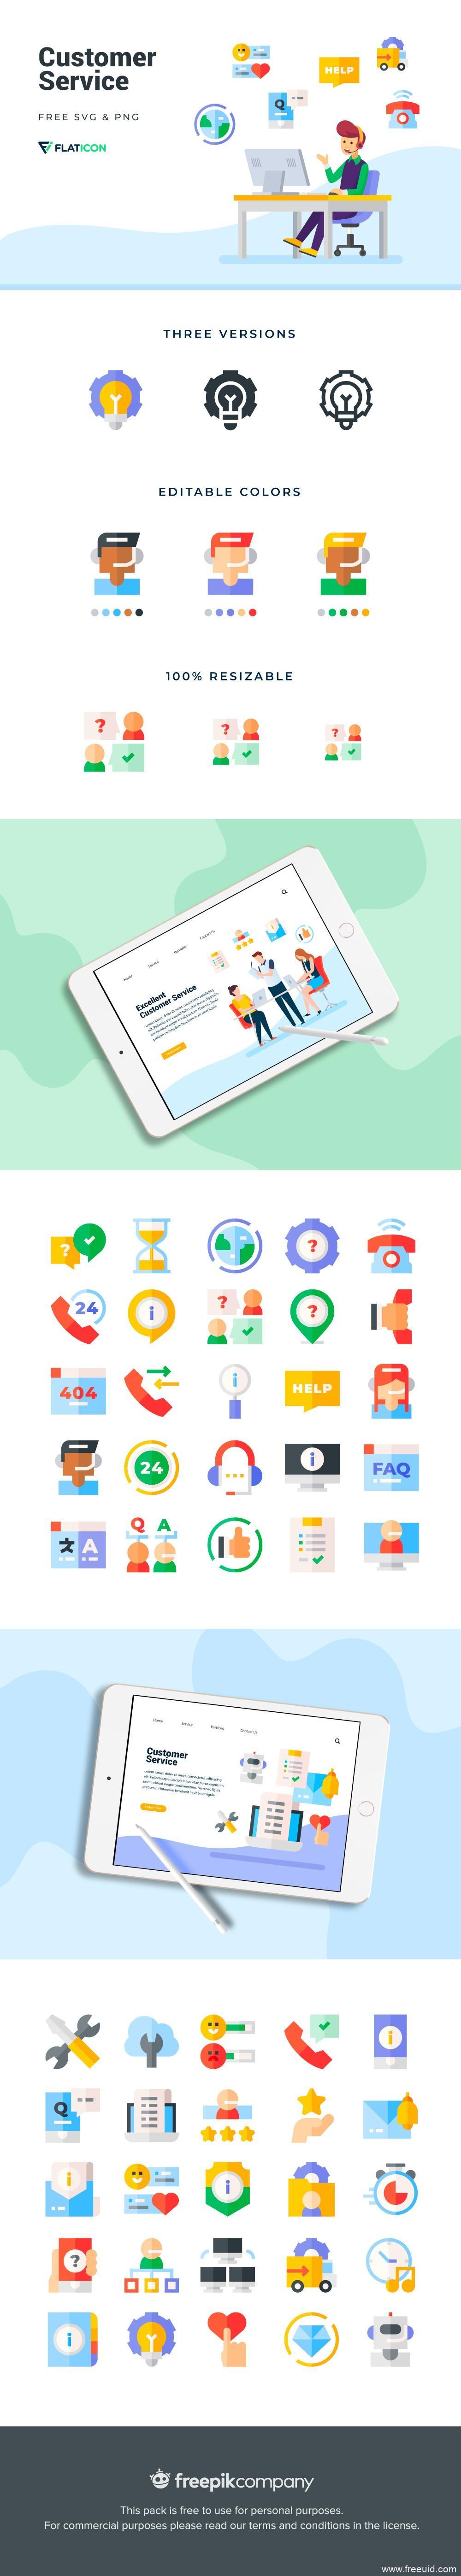 扁平化客户服务主题插画图标 .svg .png UI资源下载